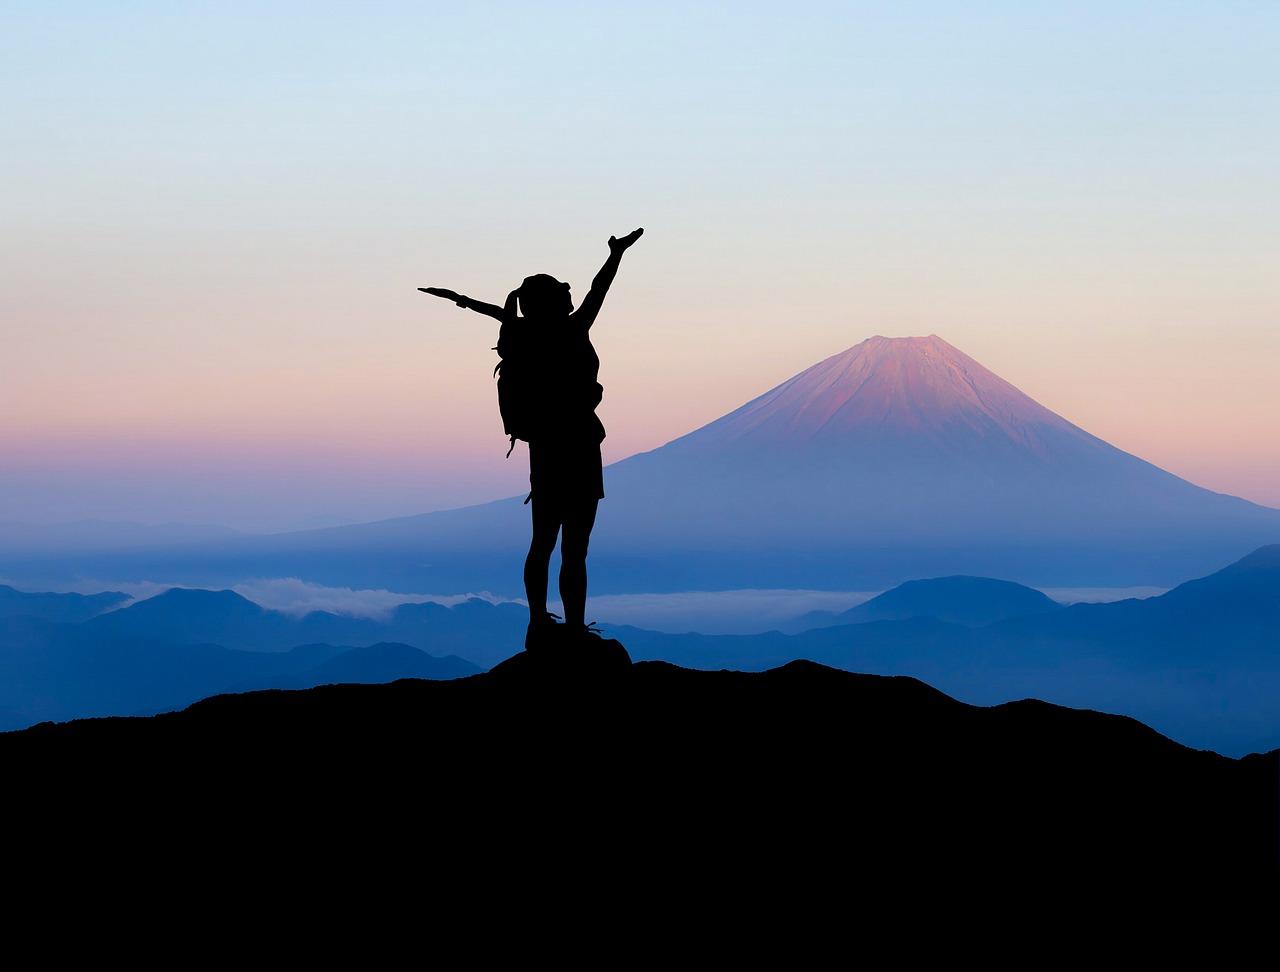 Eine Wanderin, die den Berggipfel erreicht hat und bei Arme in die Höhe streckt. Im Hintergrund ein Vulkan beim Sonnenuntergang